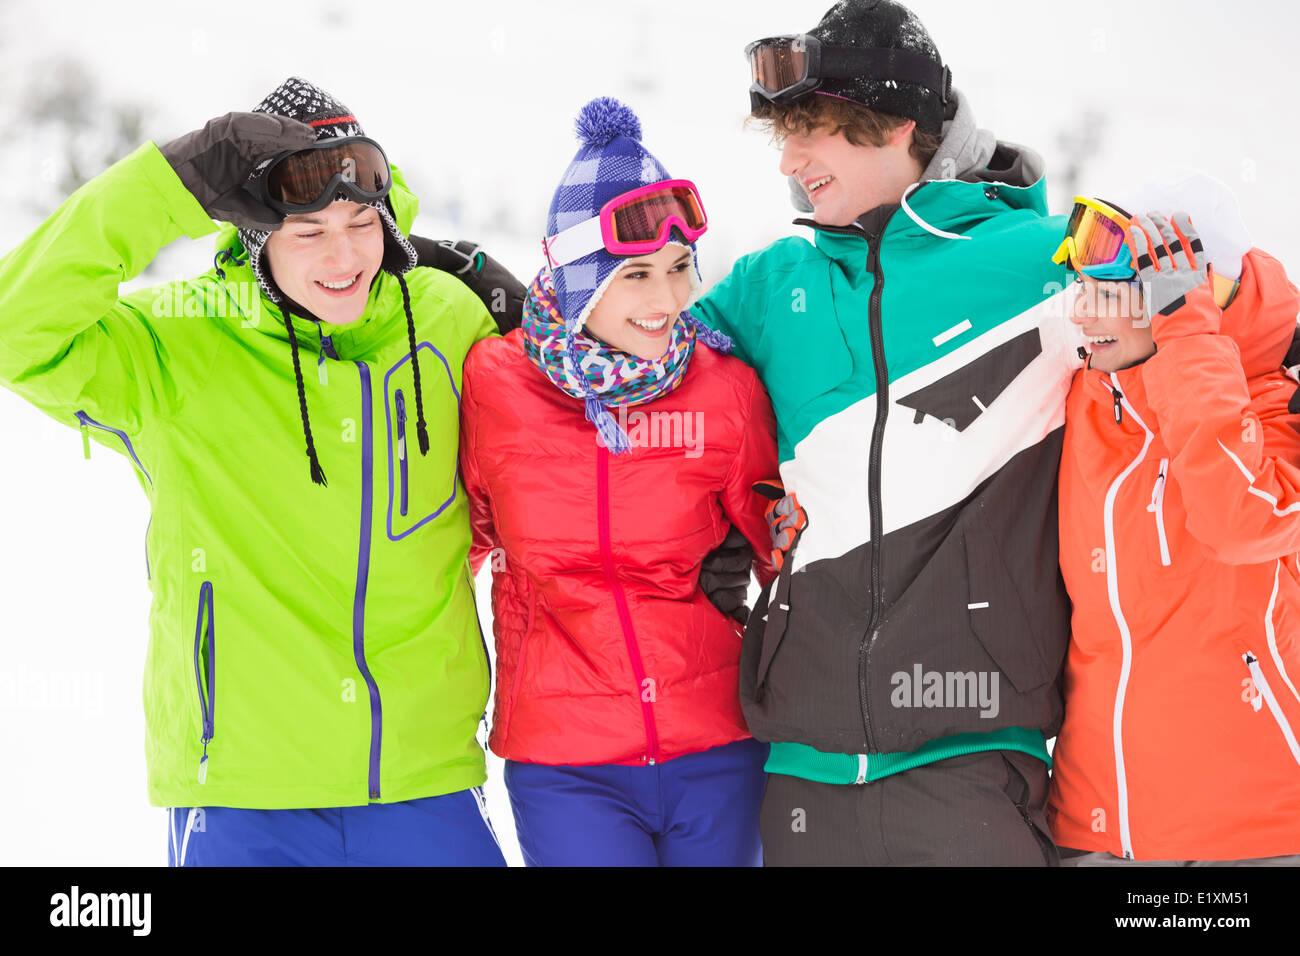 Porträt der jungen Freunde in warme Kleidung im freien Stockbild